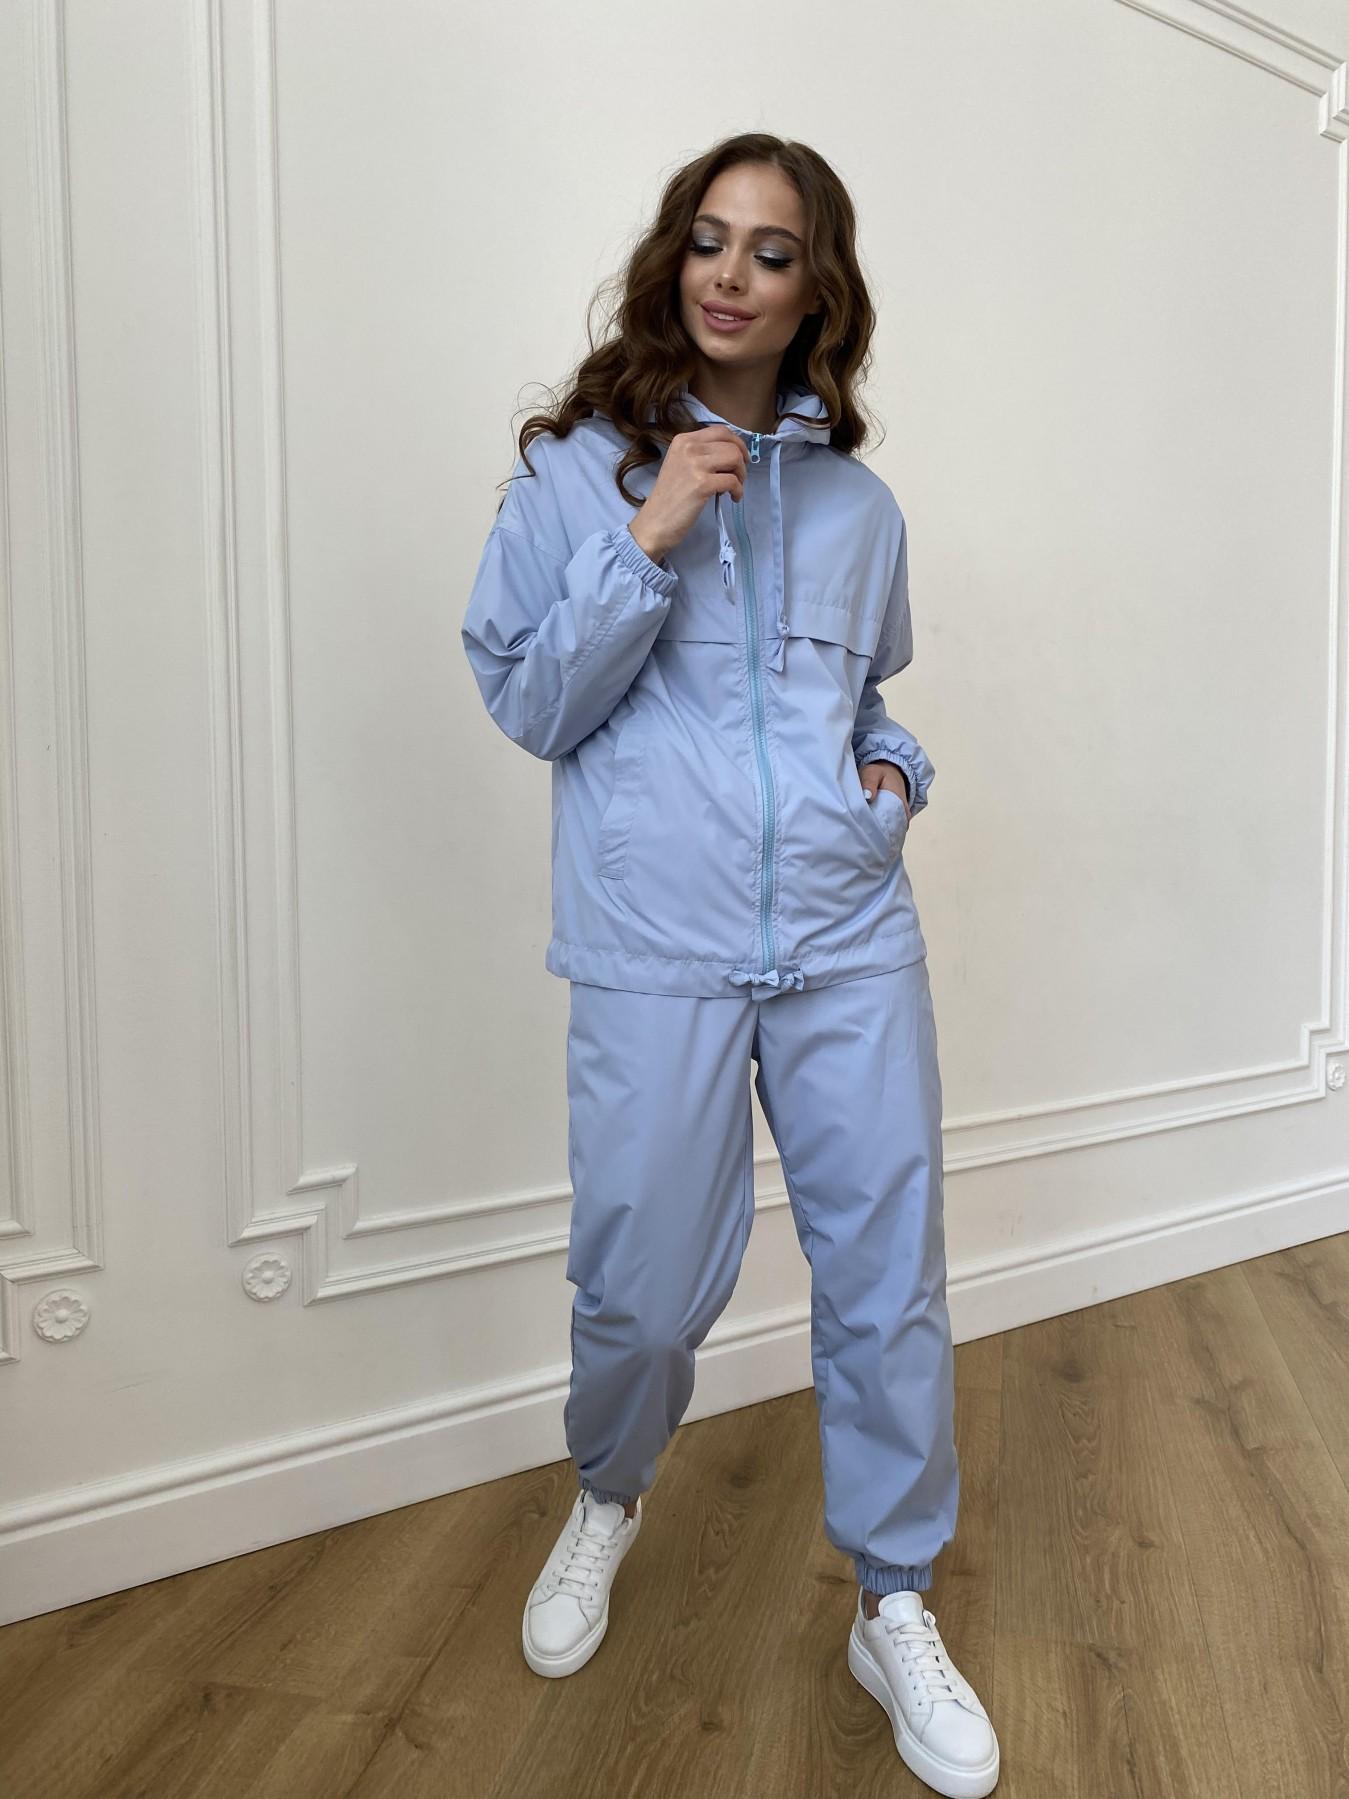 Фит костюм из плащевой ткани Ammy 11051 АРТ. 47641 Цвет: Голубой 1021 - фото 3, интернет магазин tm-modus.ru